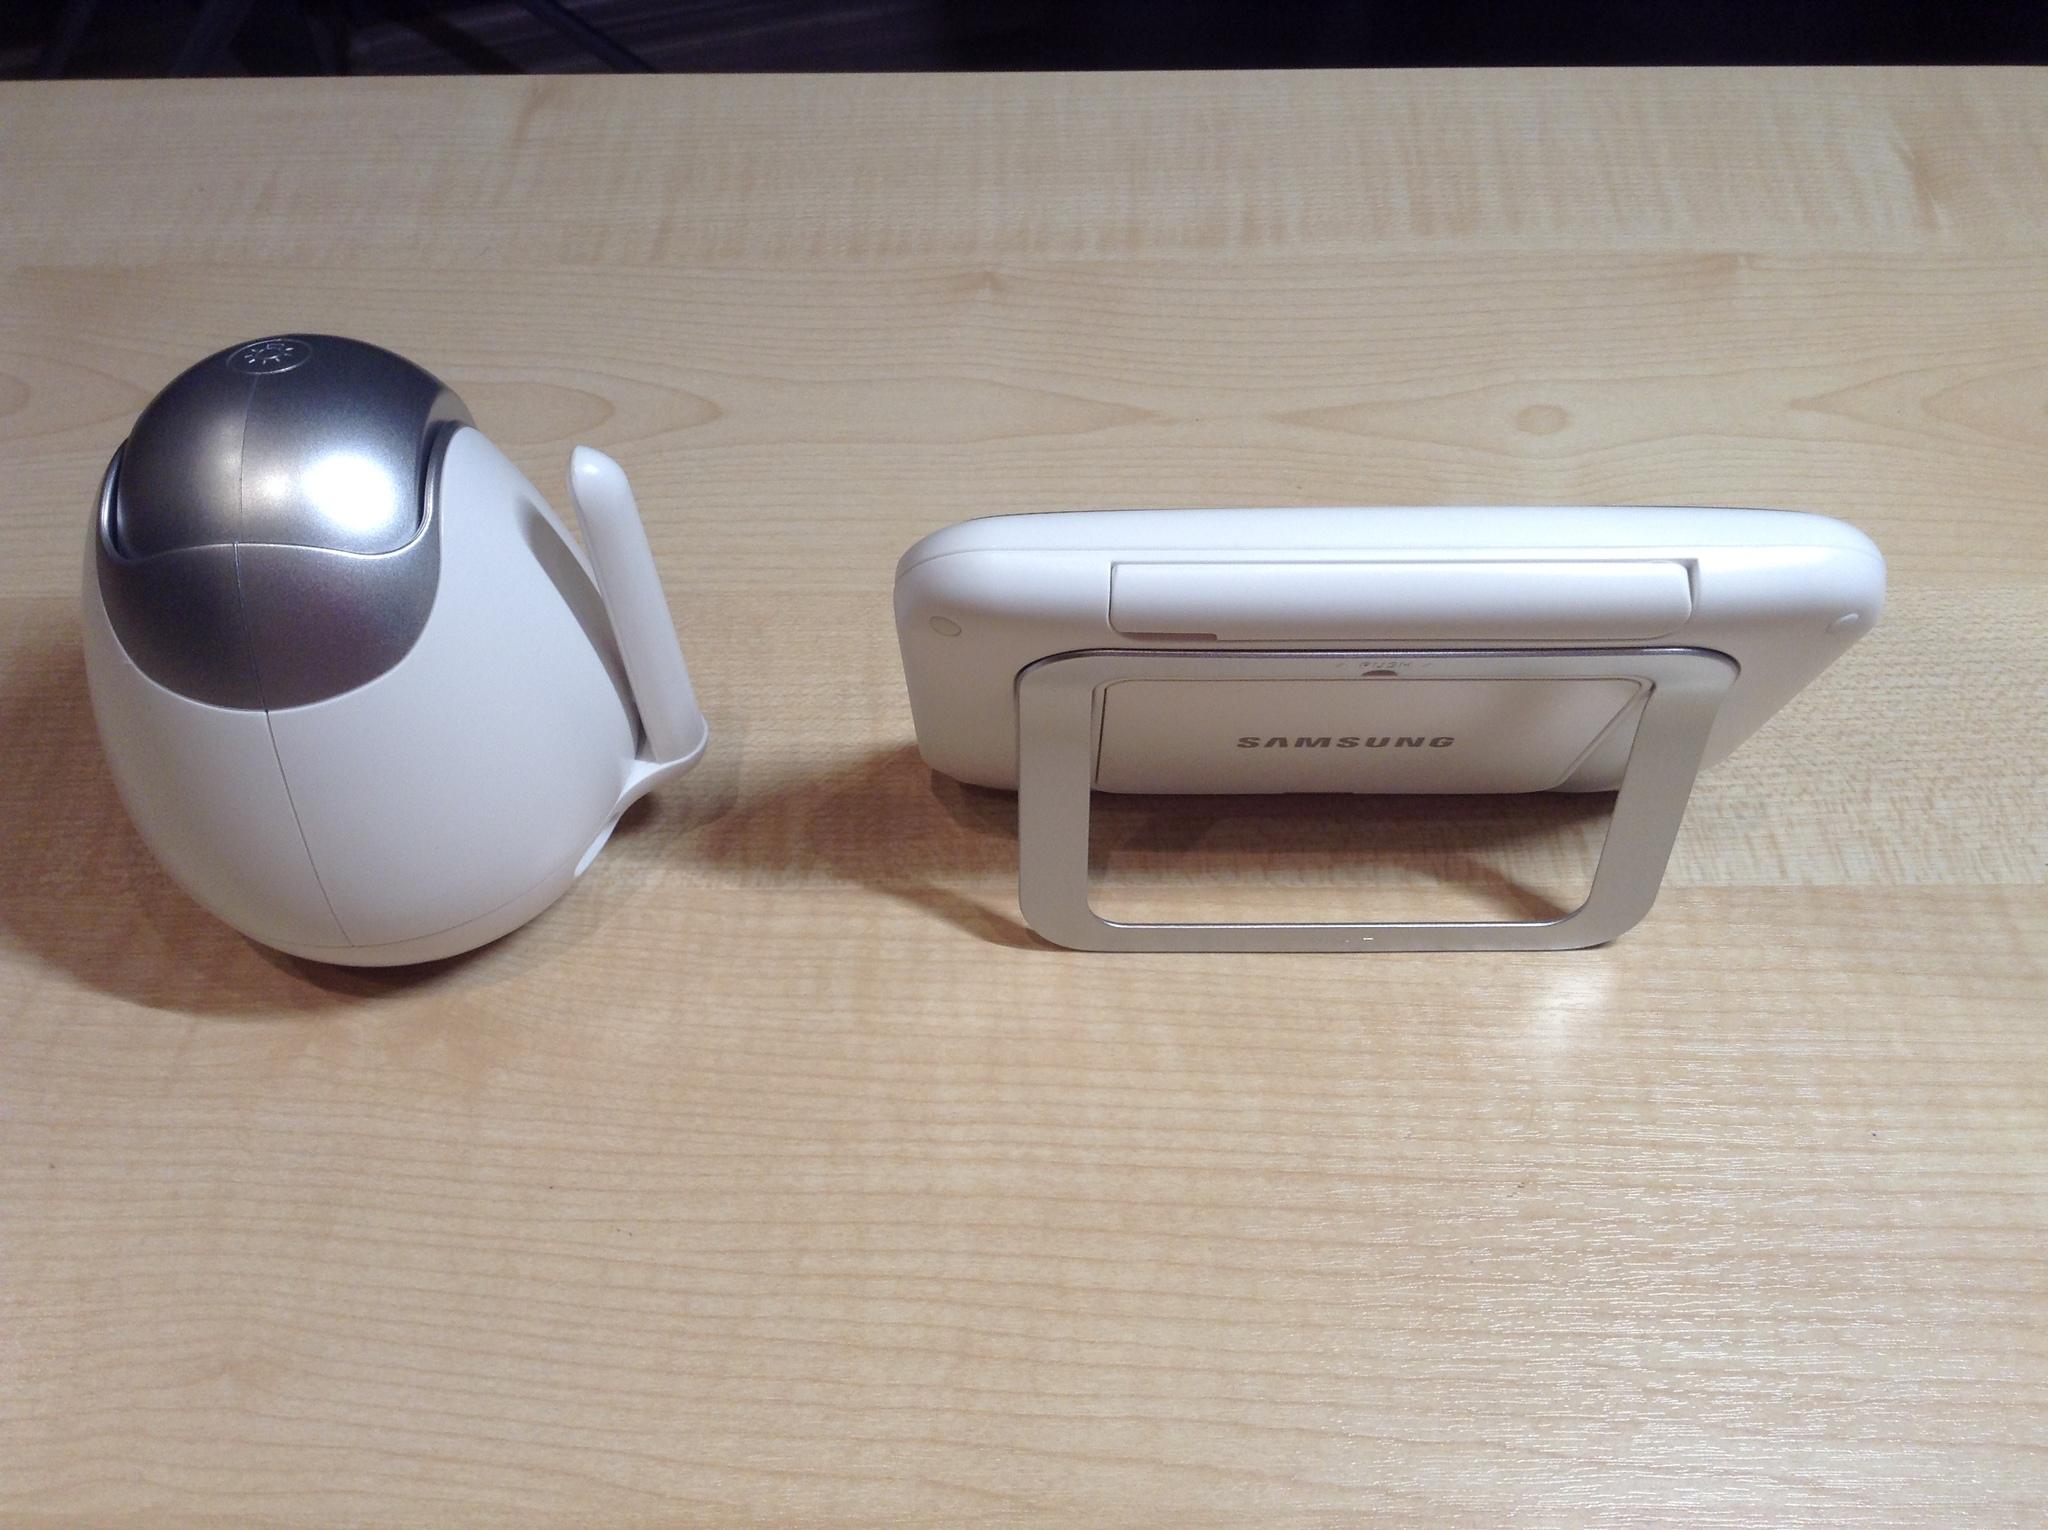 Видеоняня Samsung sew 3053wp купить